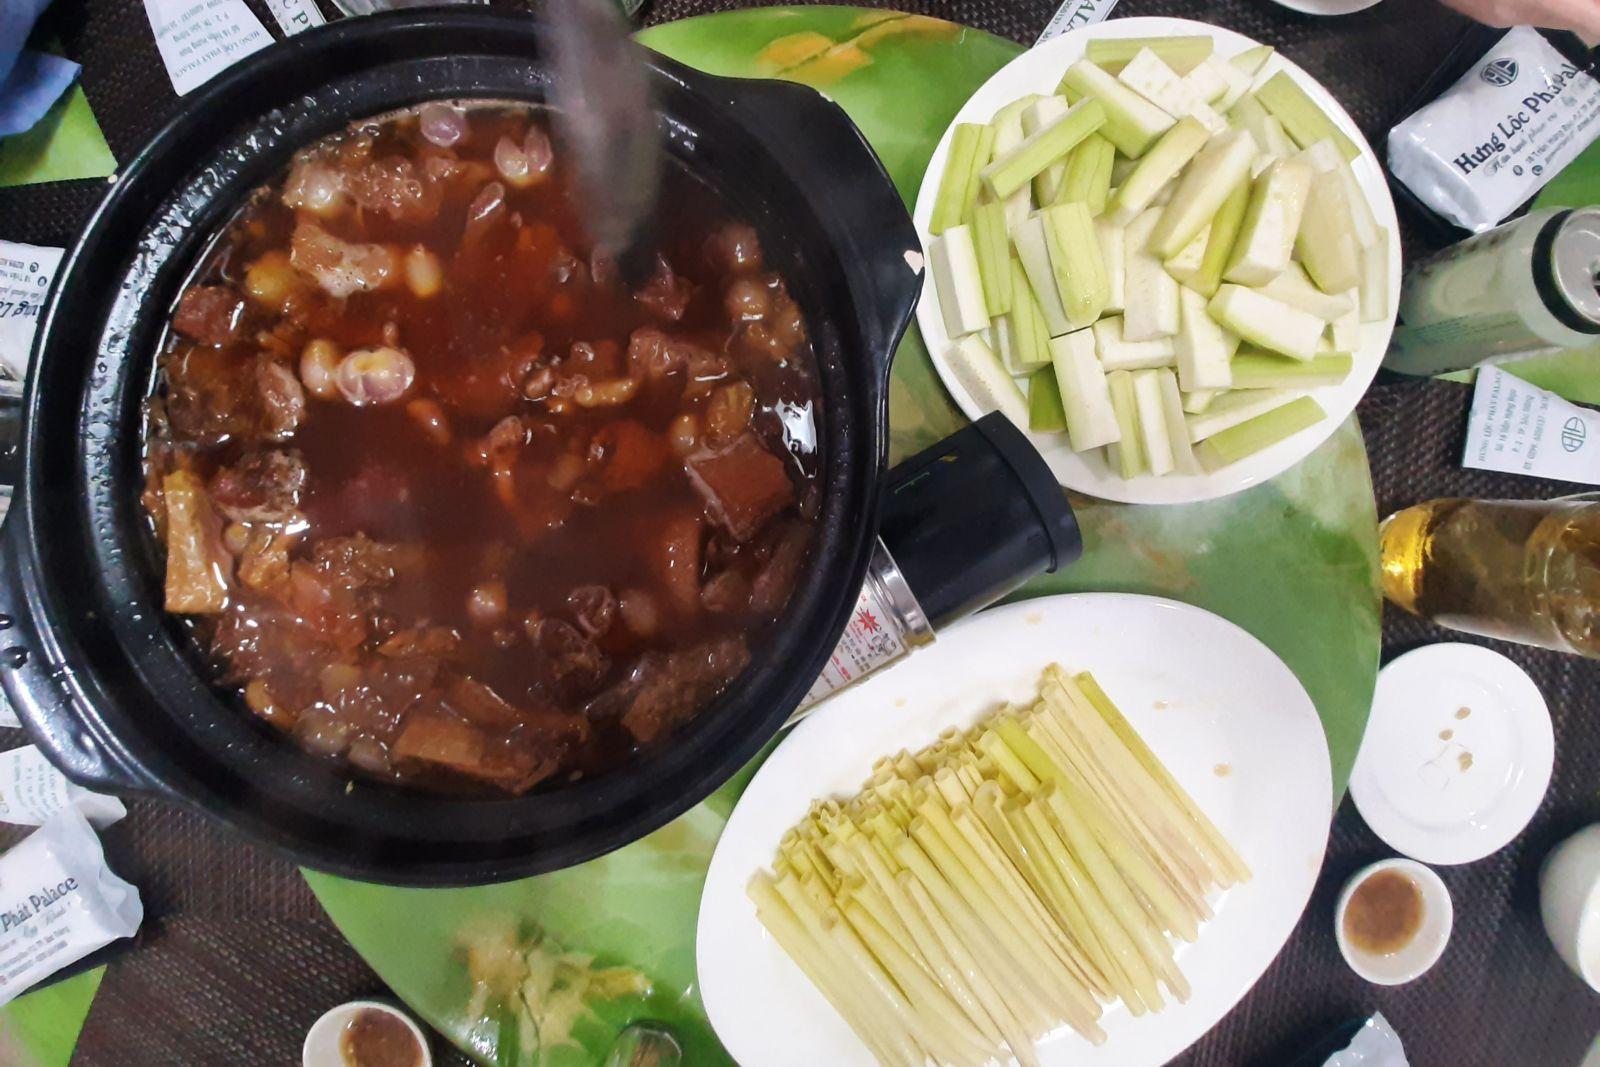 Thịt trâu kho tương sẽ ngon hơn khi ăn kèm với một số loại rau như năng, bầu...